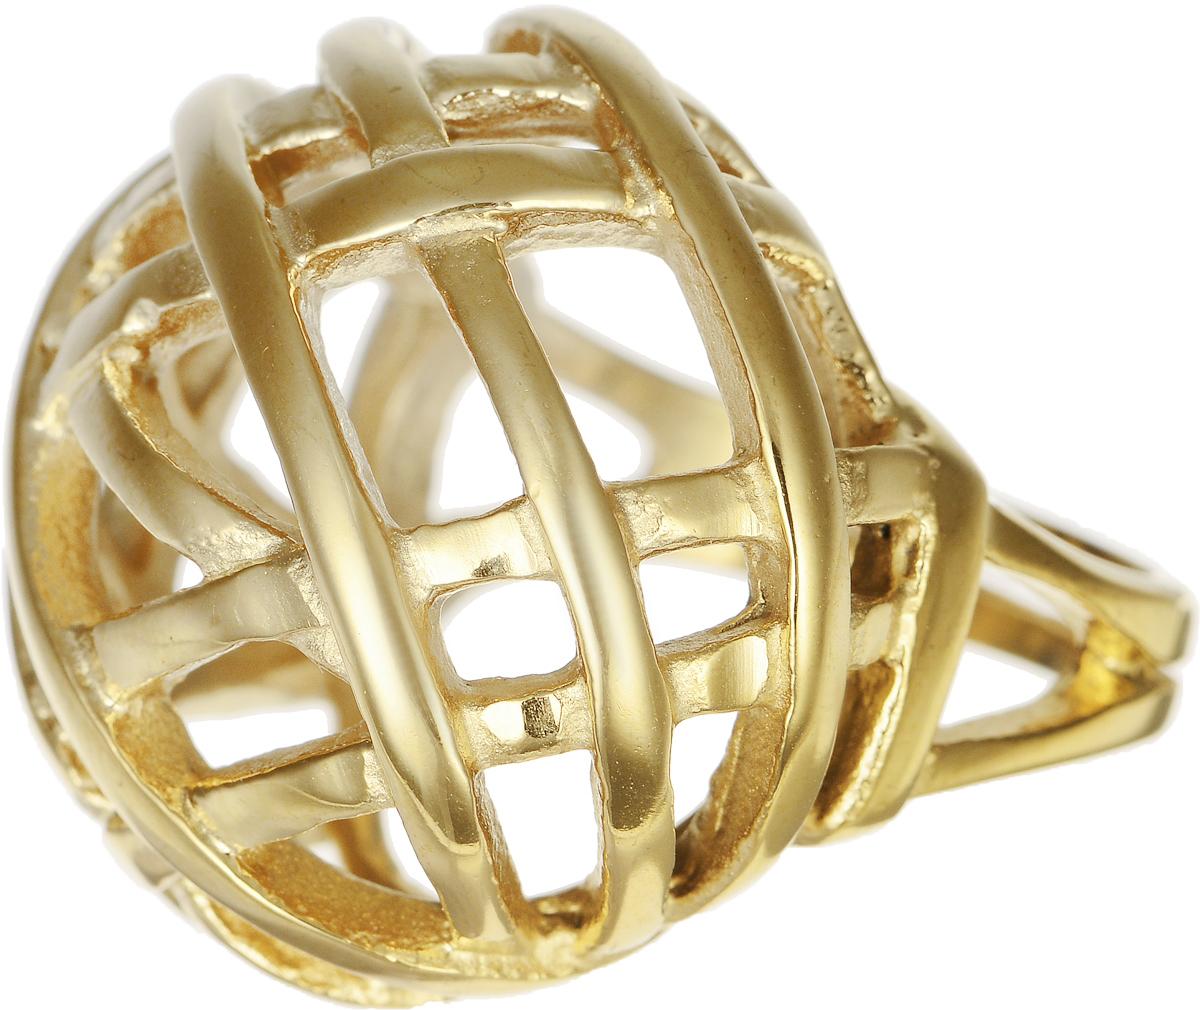 Кольцо Polina Selezneva, цвет: золотистый. DG-0014. Размер 17DG-0014-07Стильное кольцо Polina Selezneva изготовлено из качественного металлического сплава и выполнено в оригинальном дизайне. Кольцо оформлено резным узором.